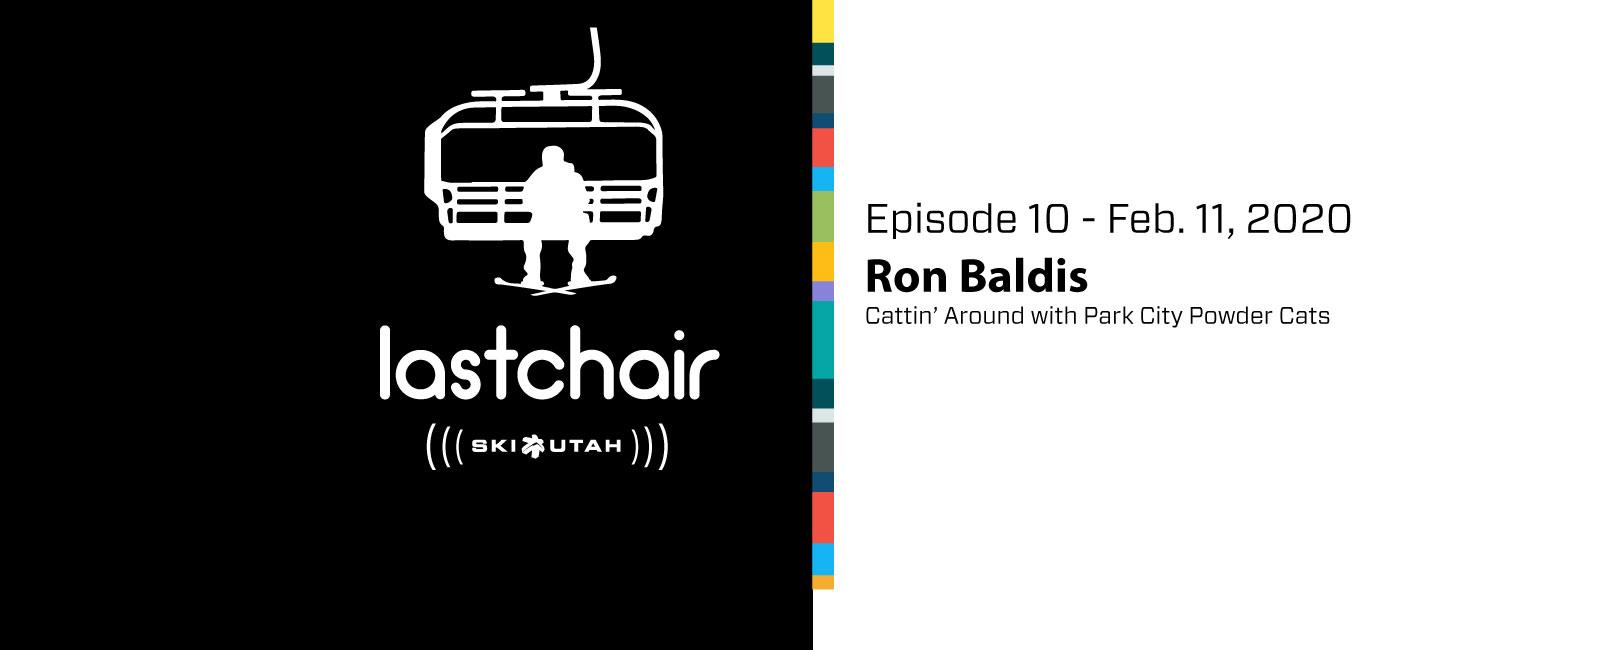 Ron Baldis - Park City Powder Cats